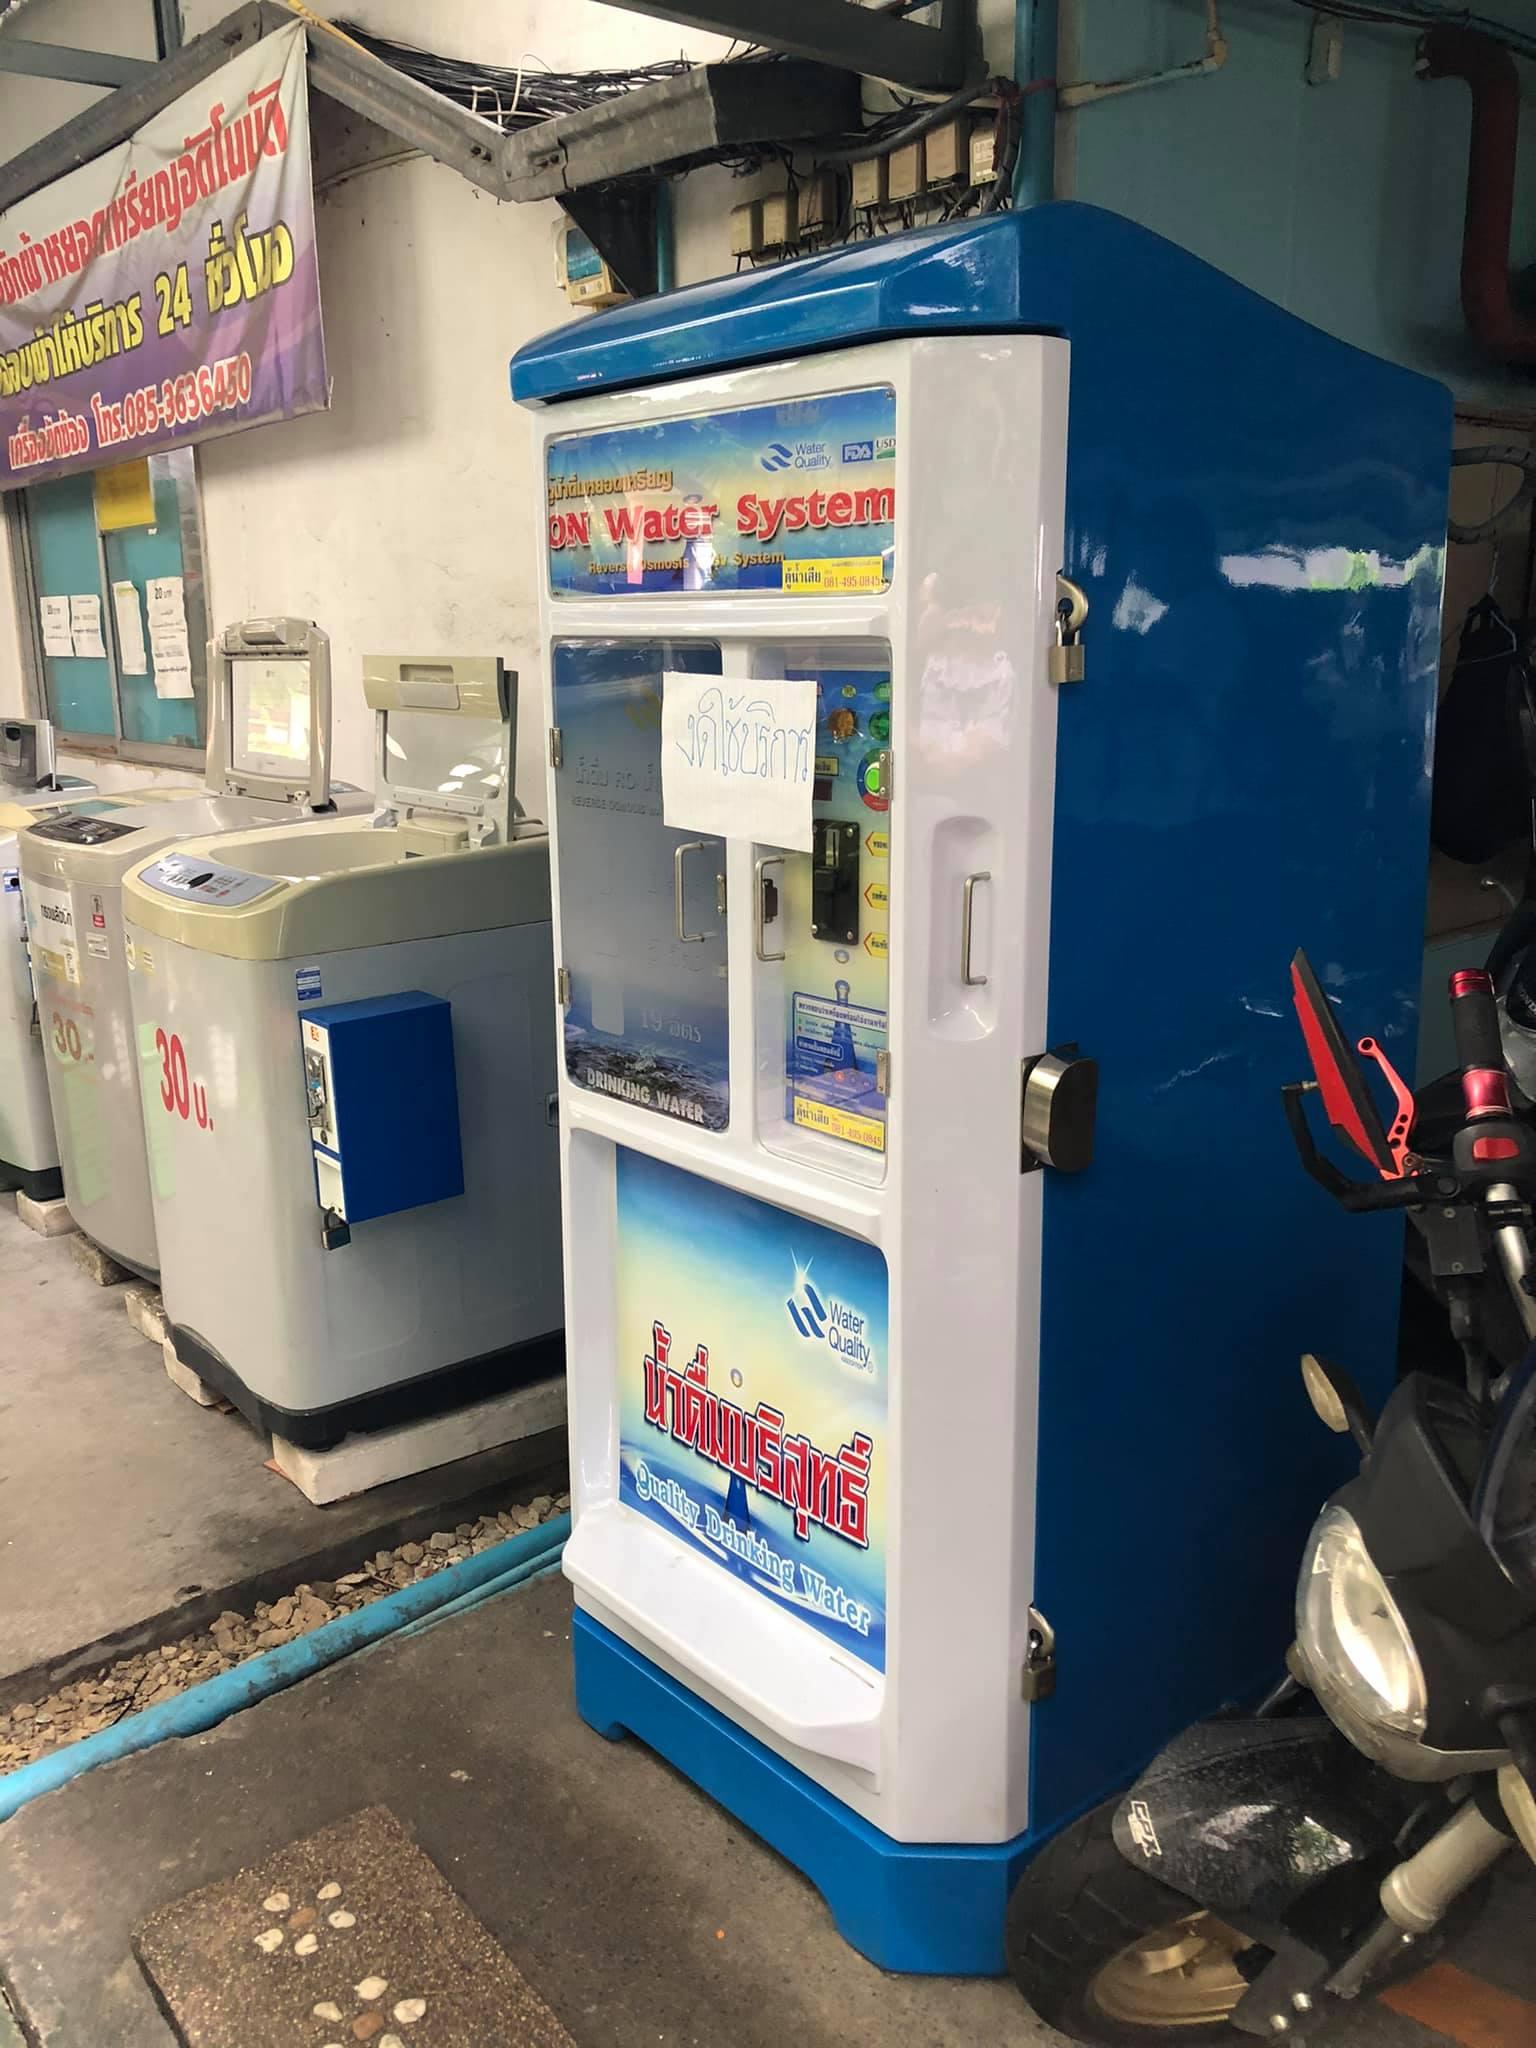 ซ่อมตู้น้ำดื่มหยอดเหรียญอาการหยอดเหรียญไม่ได้ + น้ำมีกลิ่น เปลี่ยน slot รุ่นใหม่ กับไส้กรองละเอียด